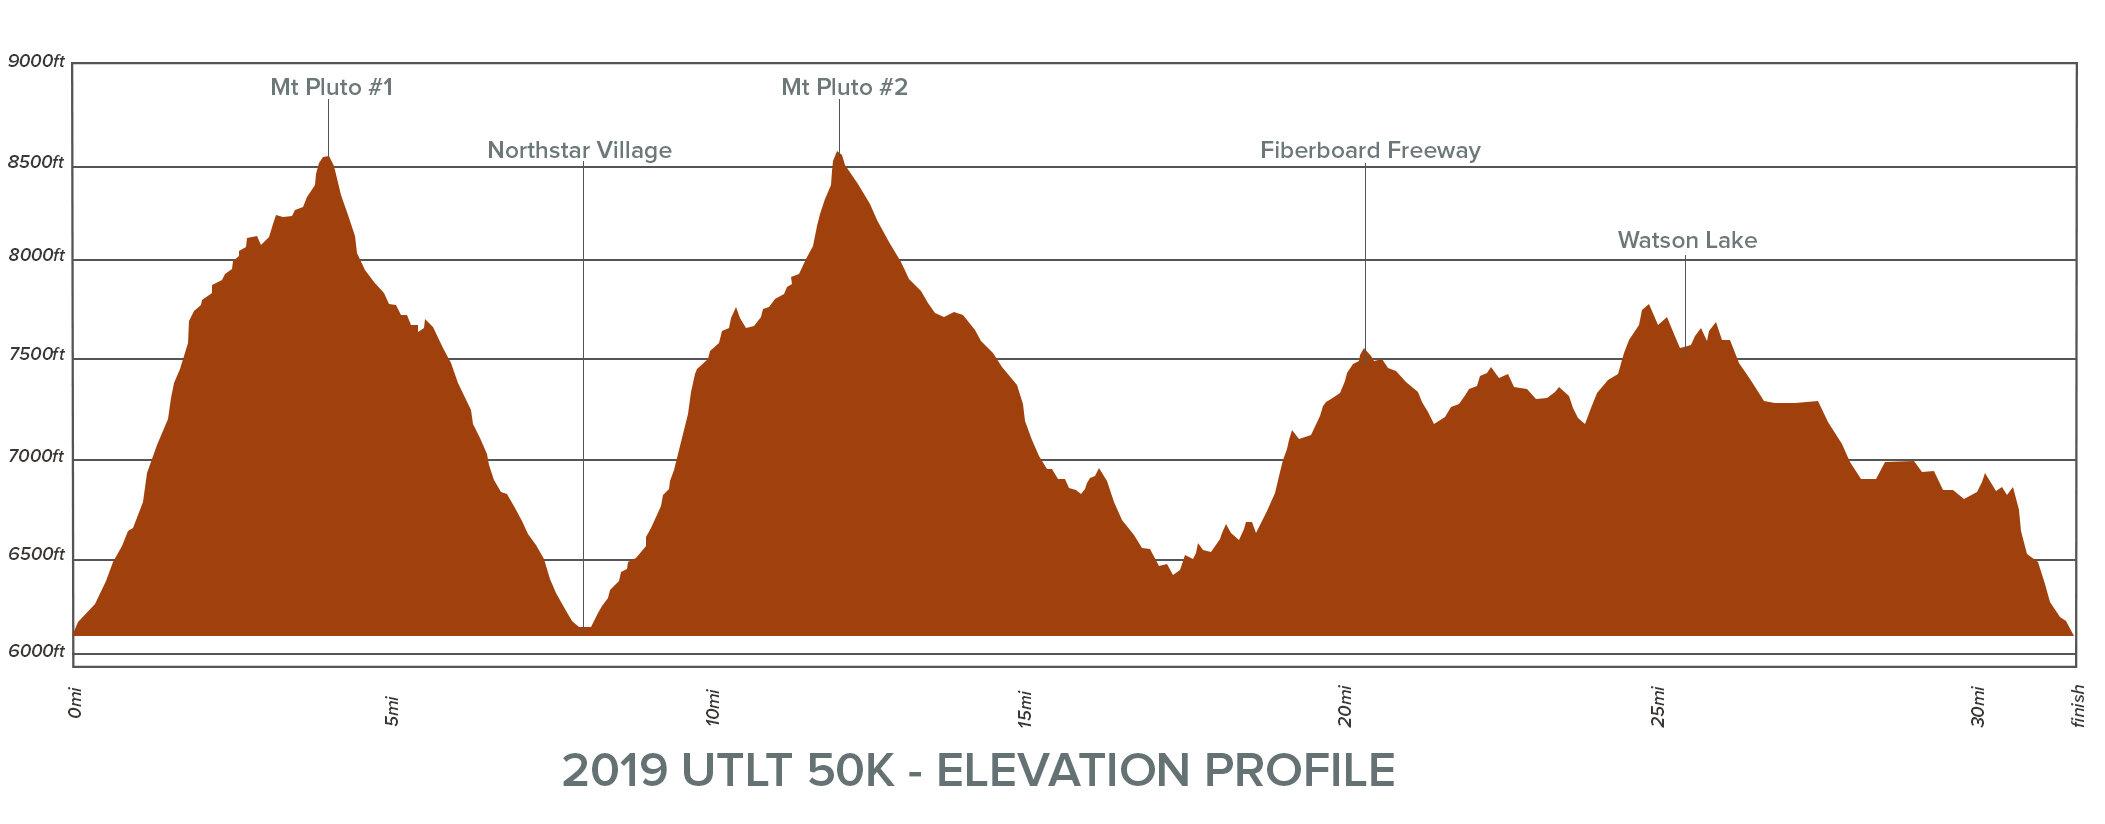 UTLT 50K Elevation Chart 2019.jpg